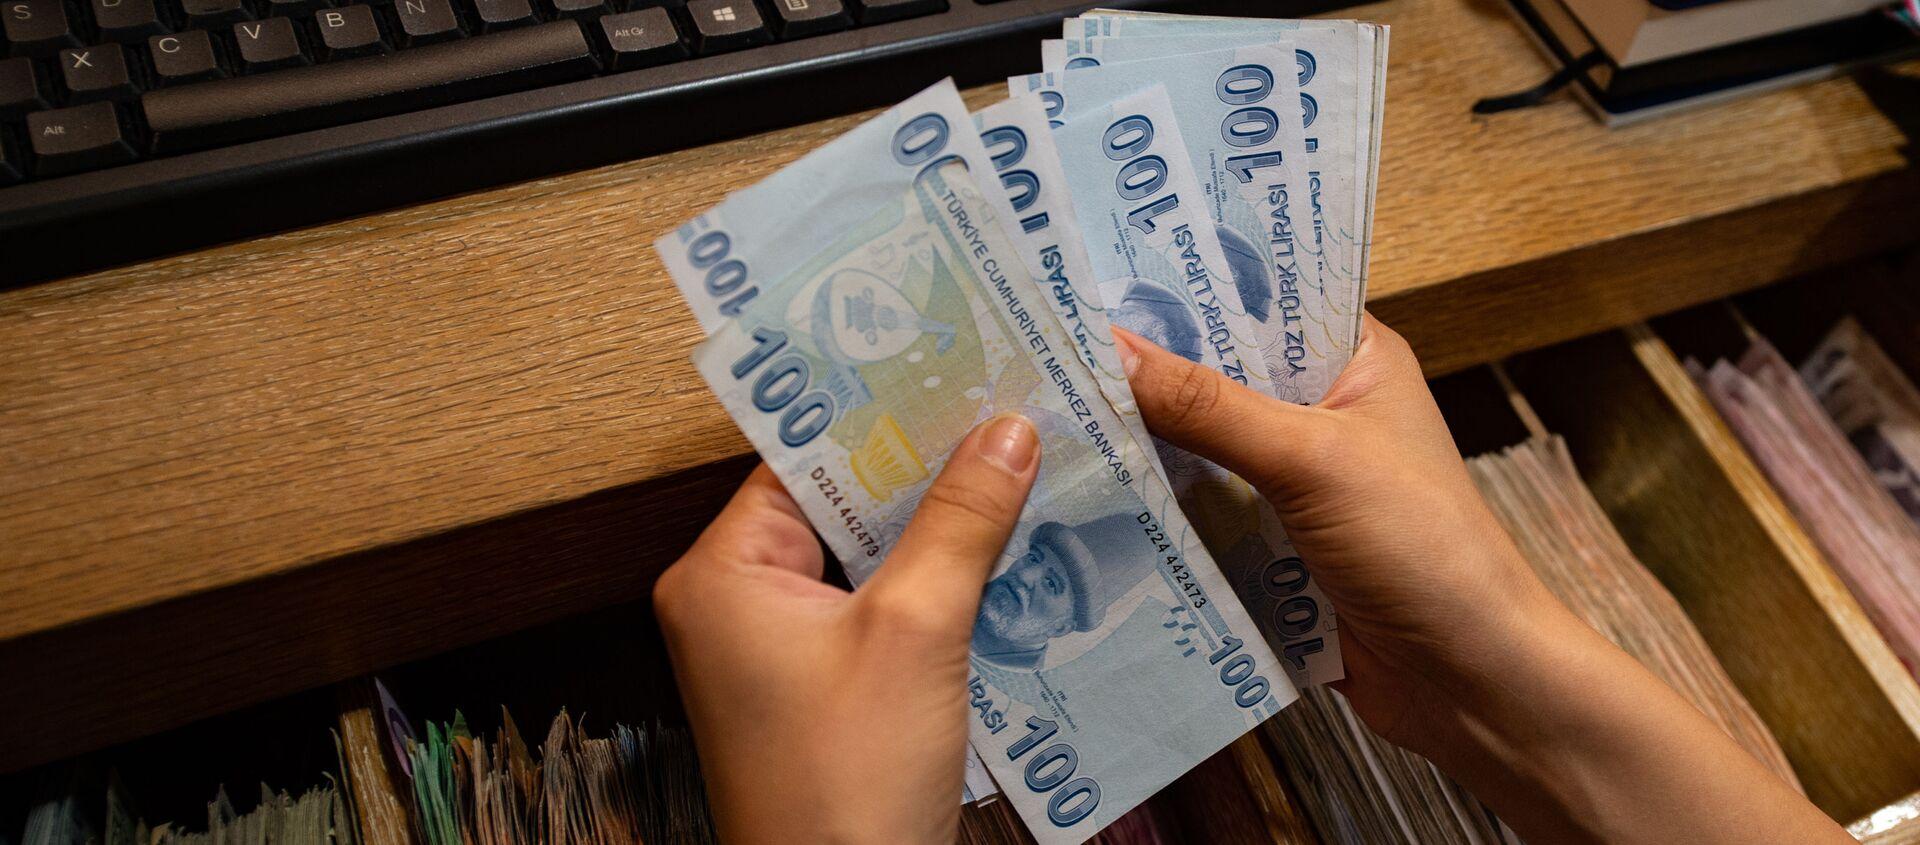 Сотрудник обменного пункта считает банкноты турецких лир, фото из архива - Sputnik Azərbaycan, 1920, 07.11.2020